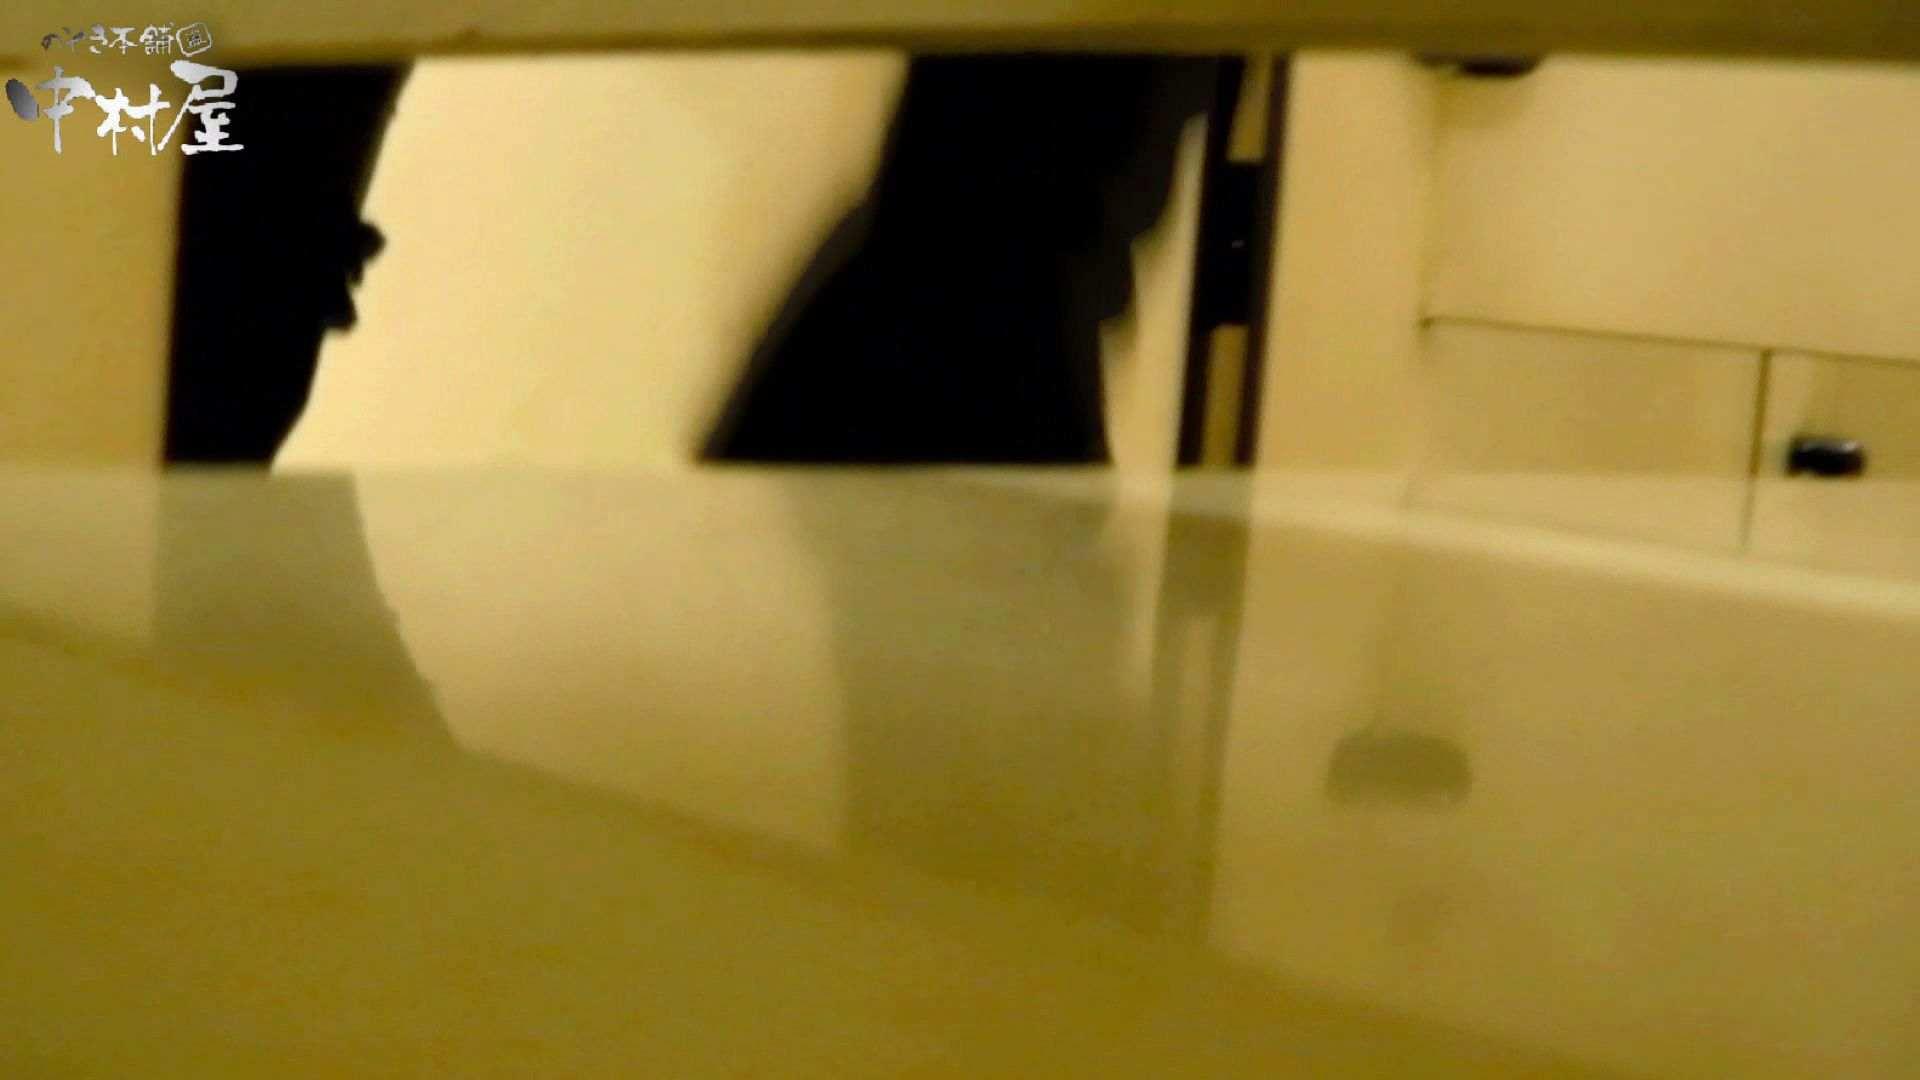 新世界の射窓 No72 モデル級なら個室から飛び出て追っかけます モデルヌード | 洗面所  81pic 49